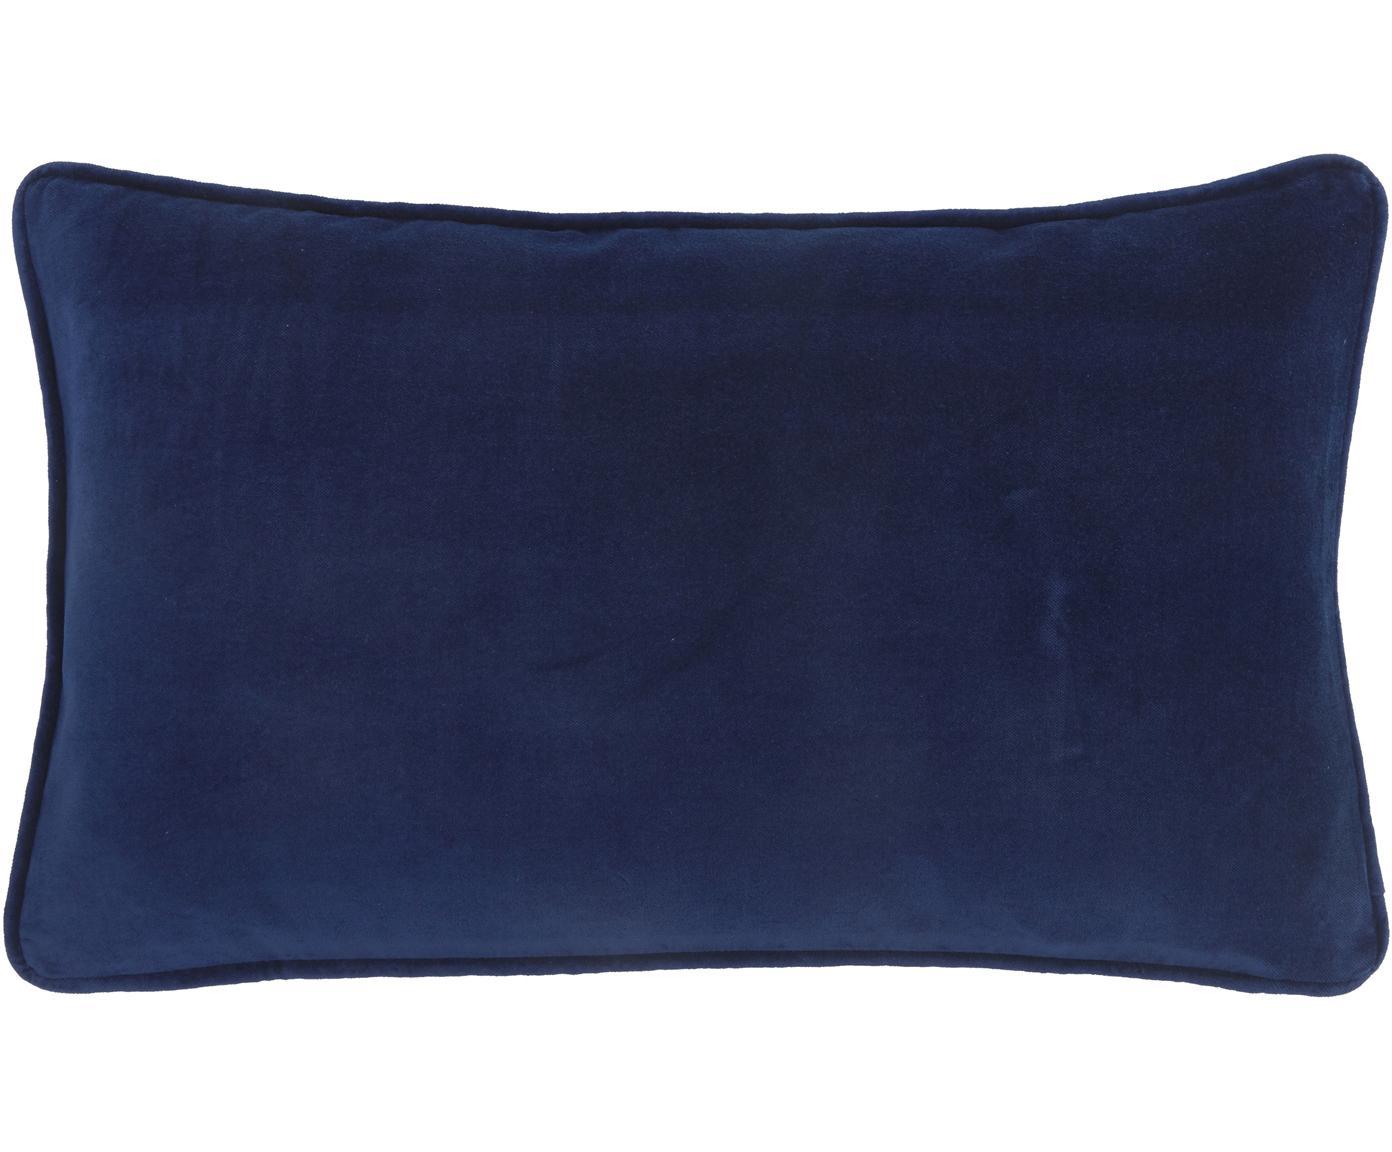 Federa arredo in velluto in blu navy Dana, Velluto di cotone, Blu marino, Larg. 30 x Lung. 50 cm